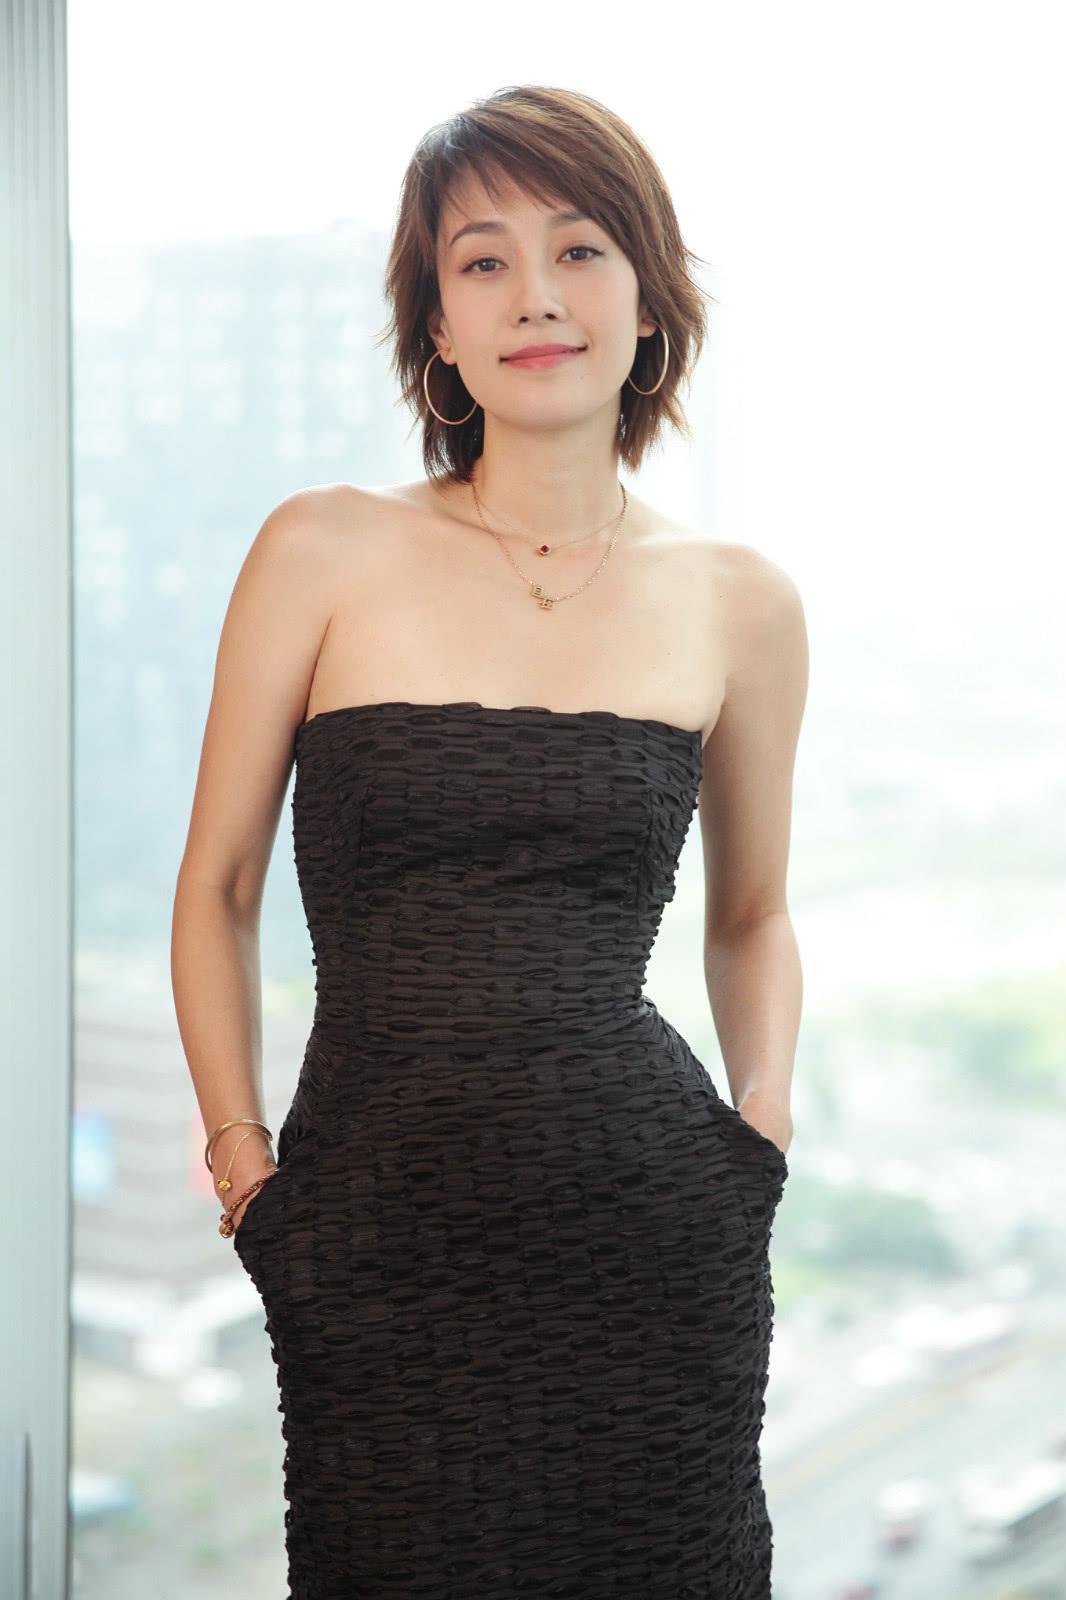 40岁的演员马伊琍,模仿袁泉的短发造型,网友:没钱剪发了吗